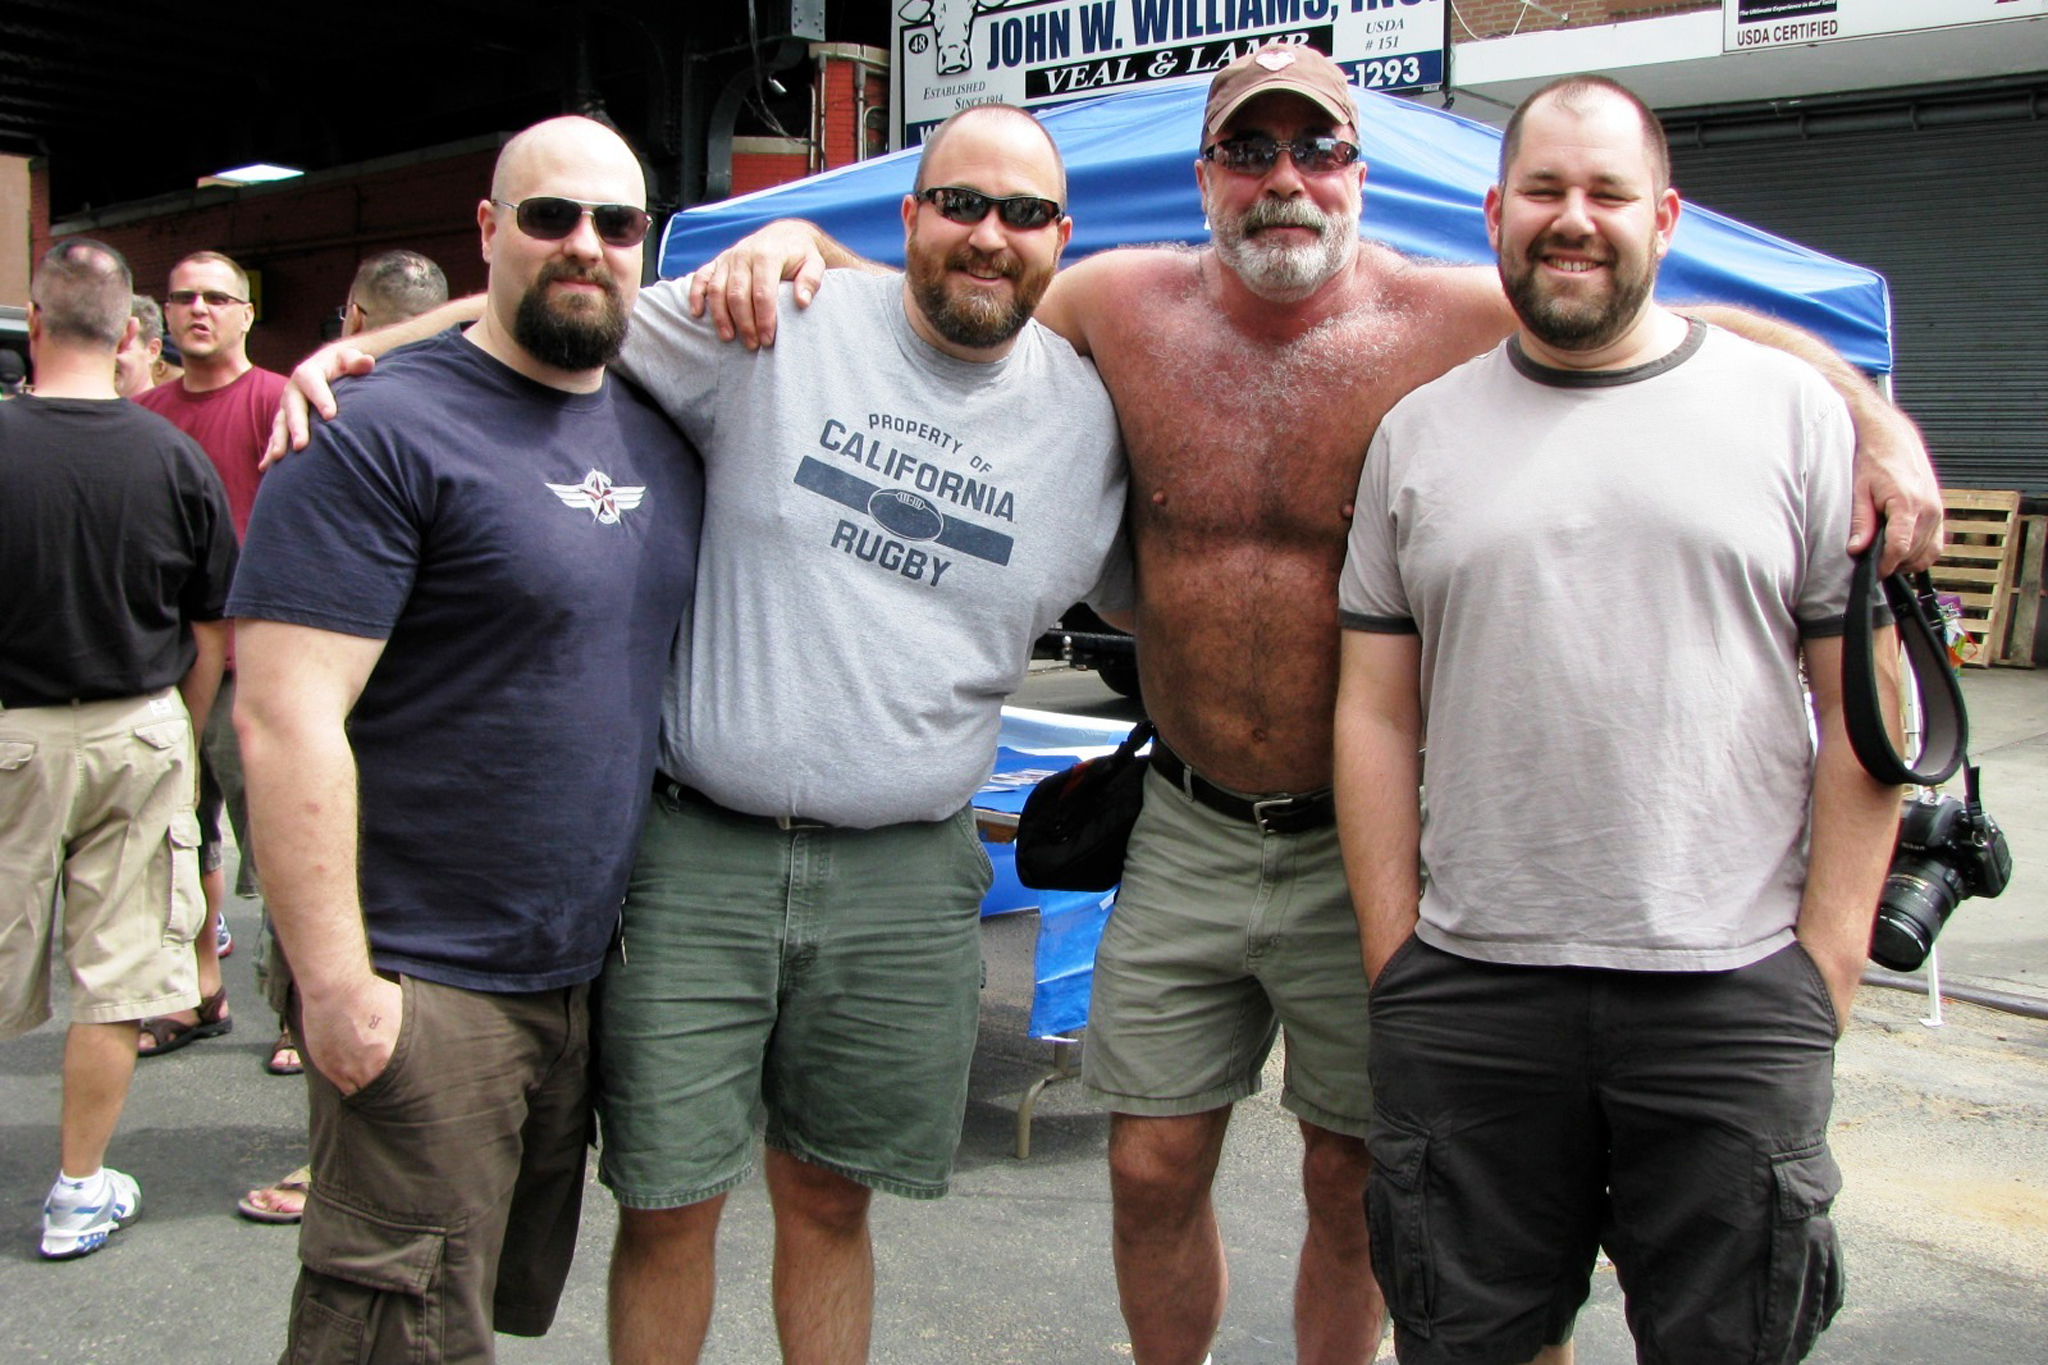 The New York Bear Fair